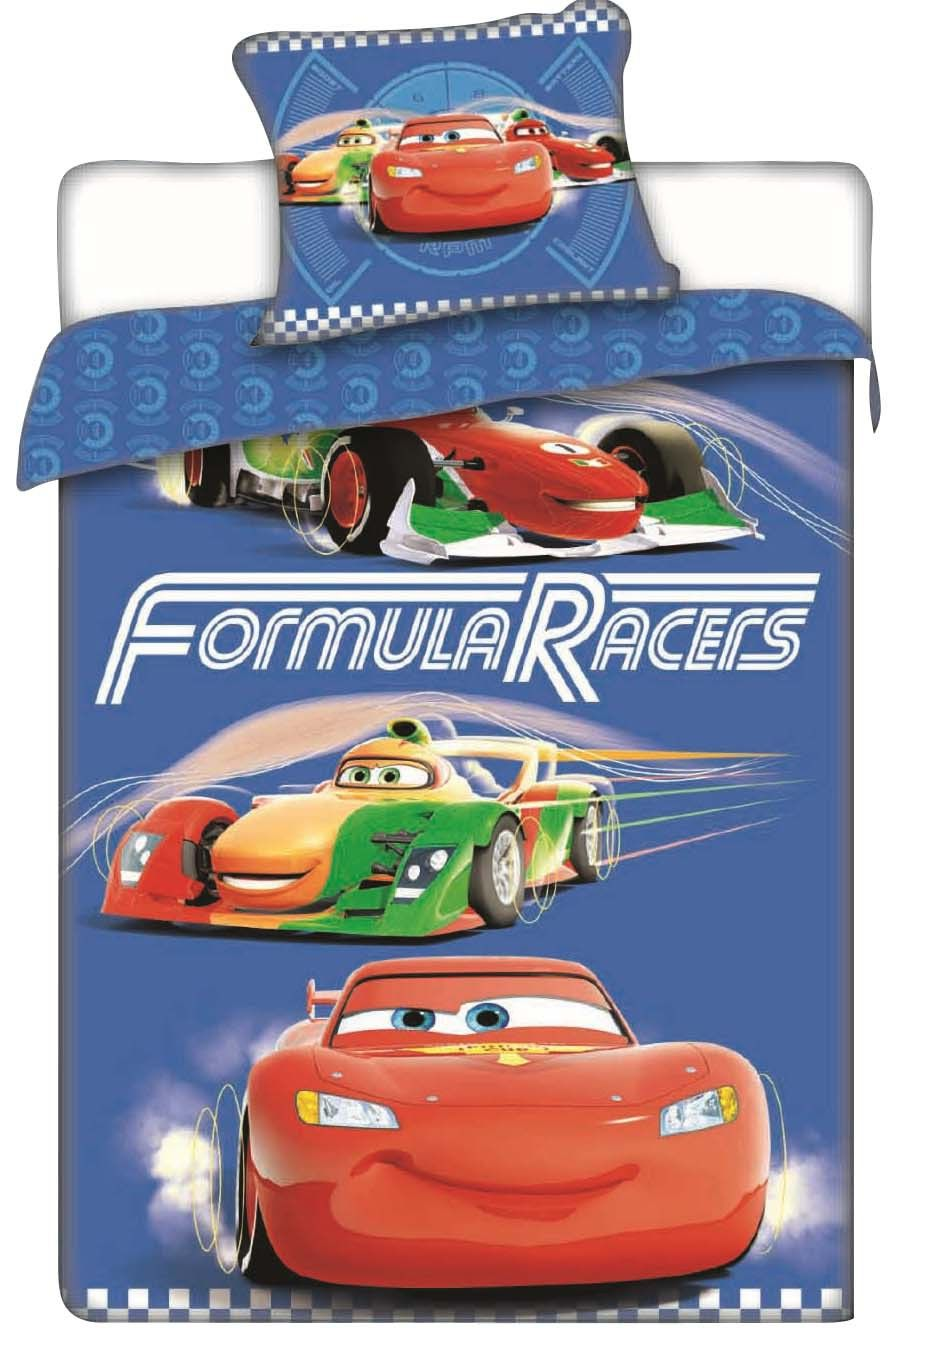 Dětské bavlněné ložní povlečení Disney Cars racers